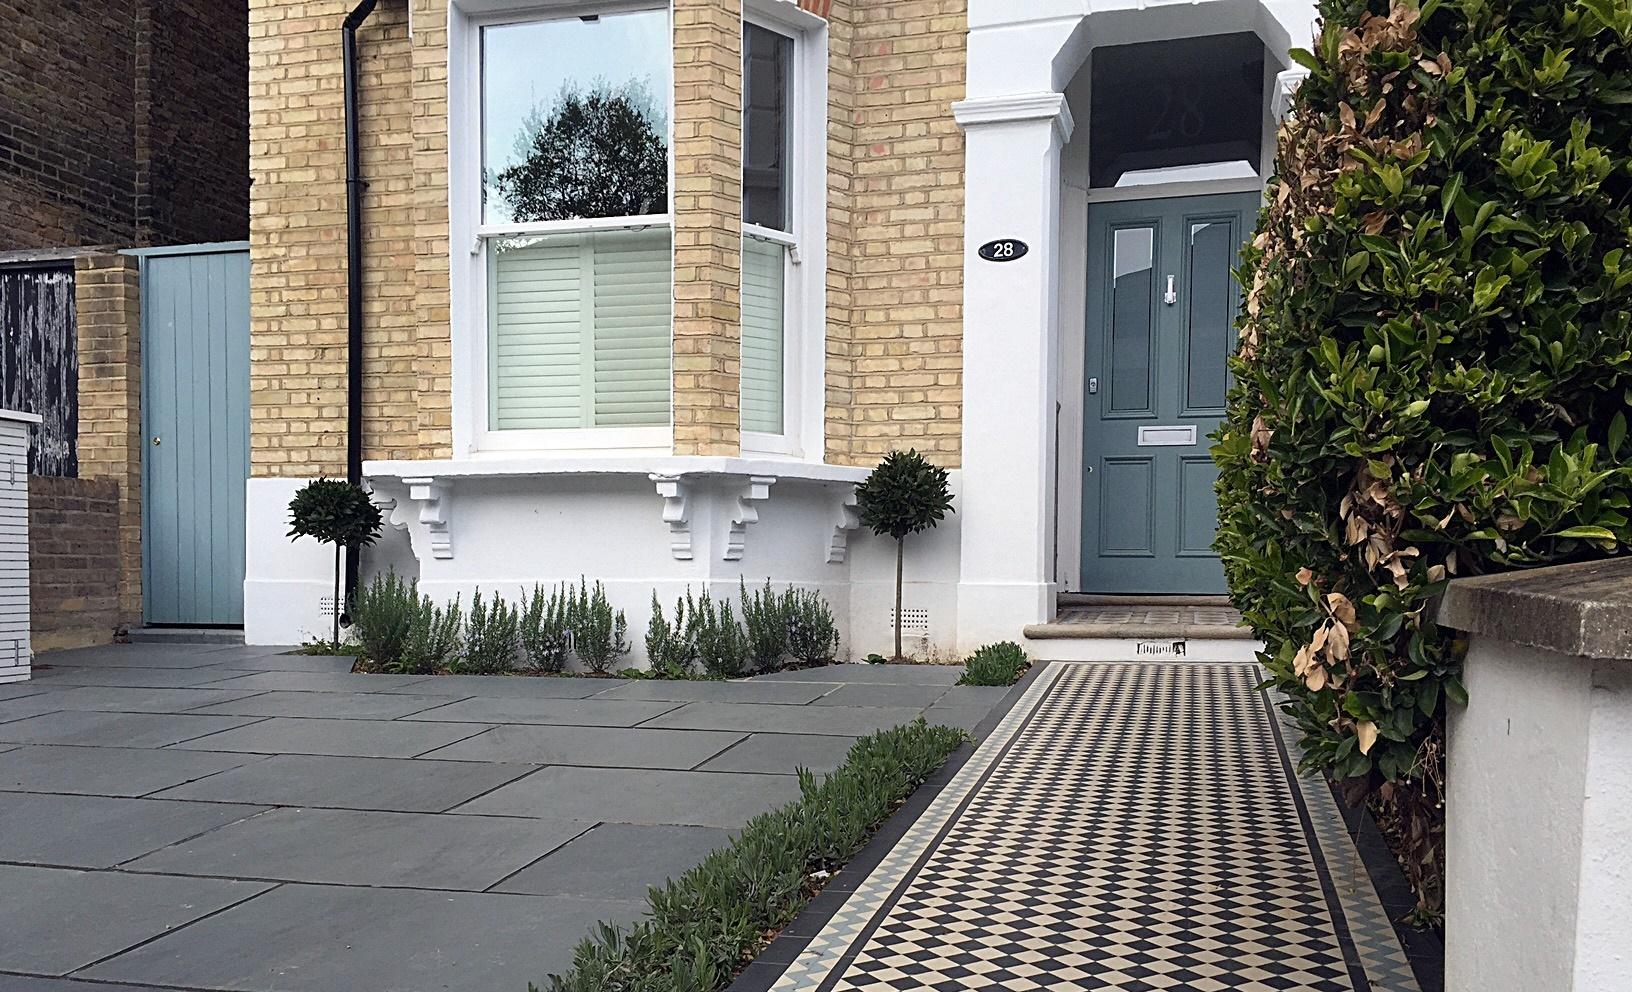 Bin Bespoke Storage Driveway Grey Path Tile Front Garden Dulwich - Front garden driveway ideas uk